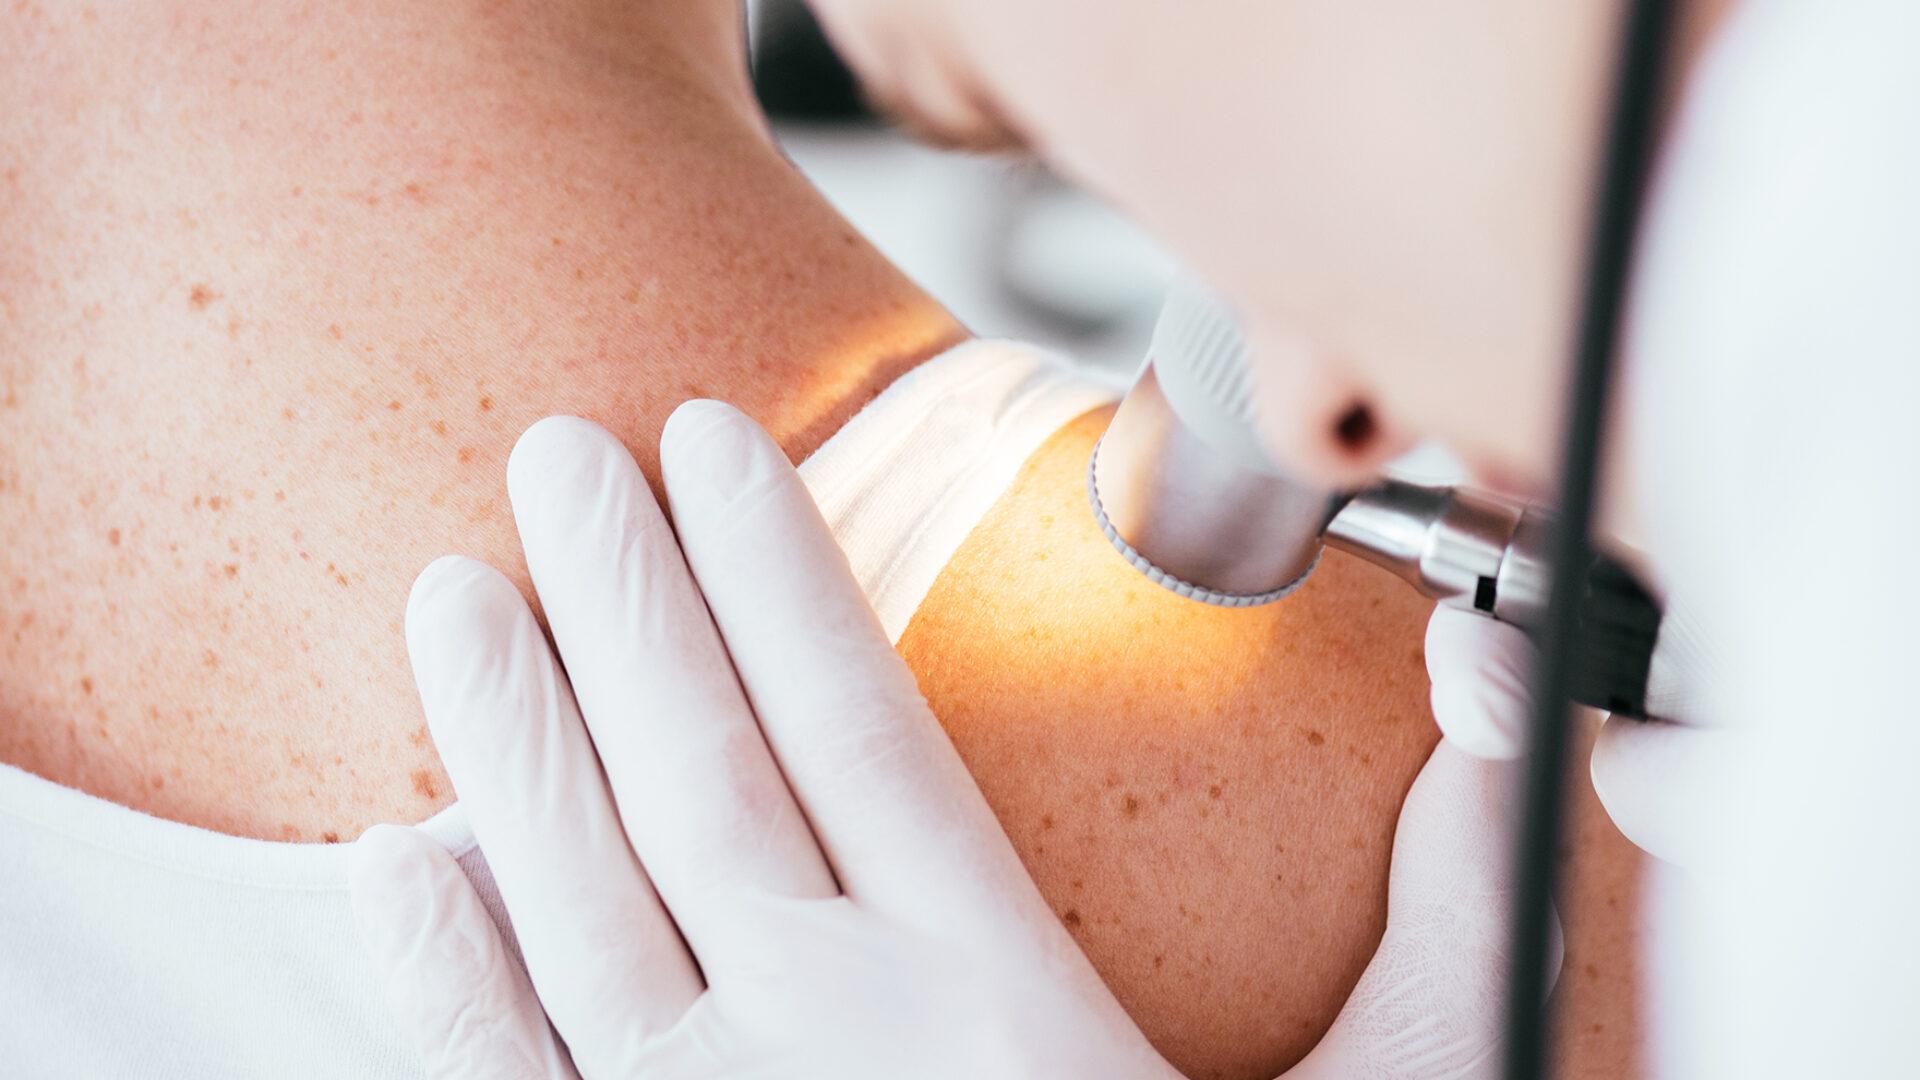 Arzt untersucht Haut auf Hauterkrankungen und Muttermalen.